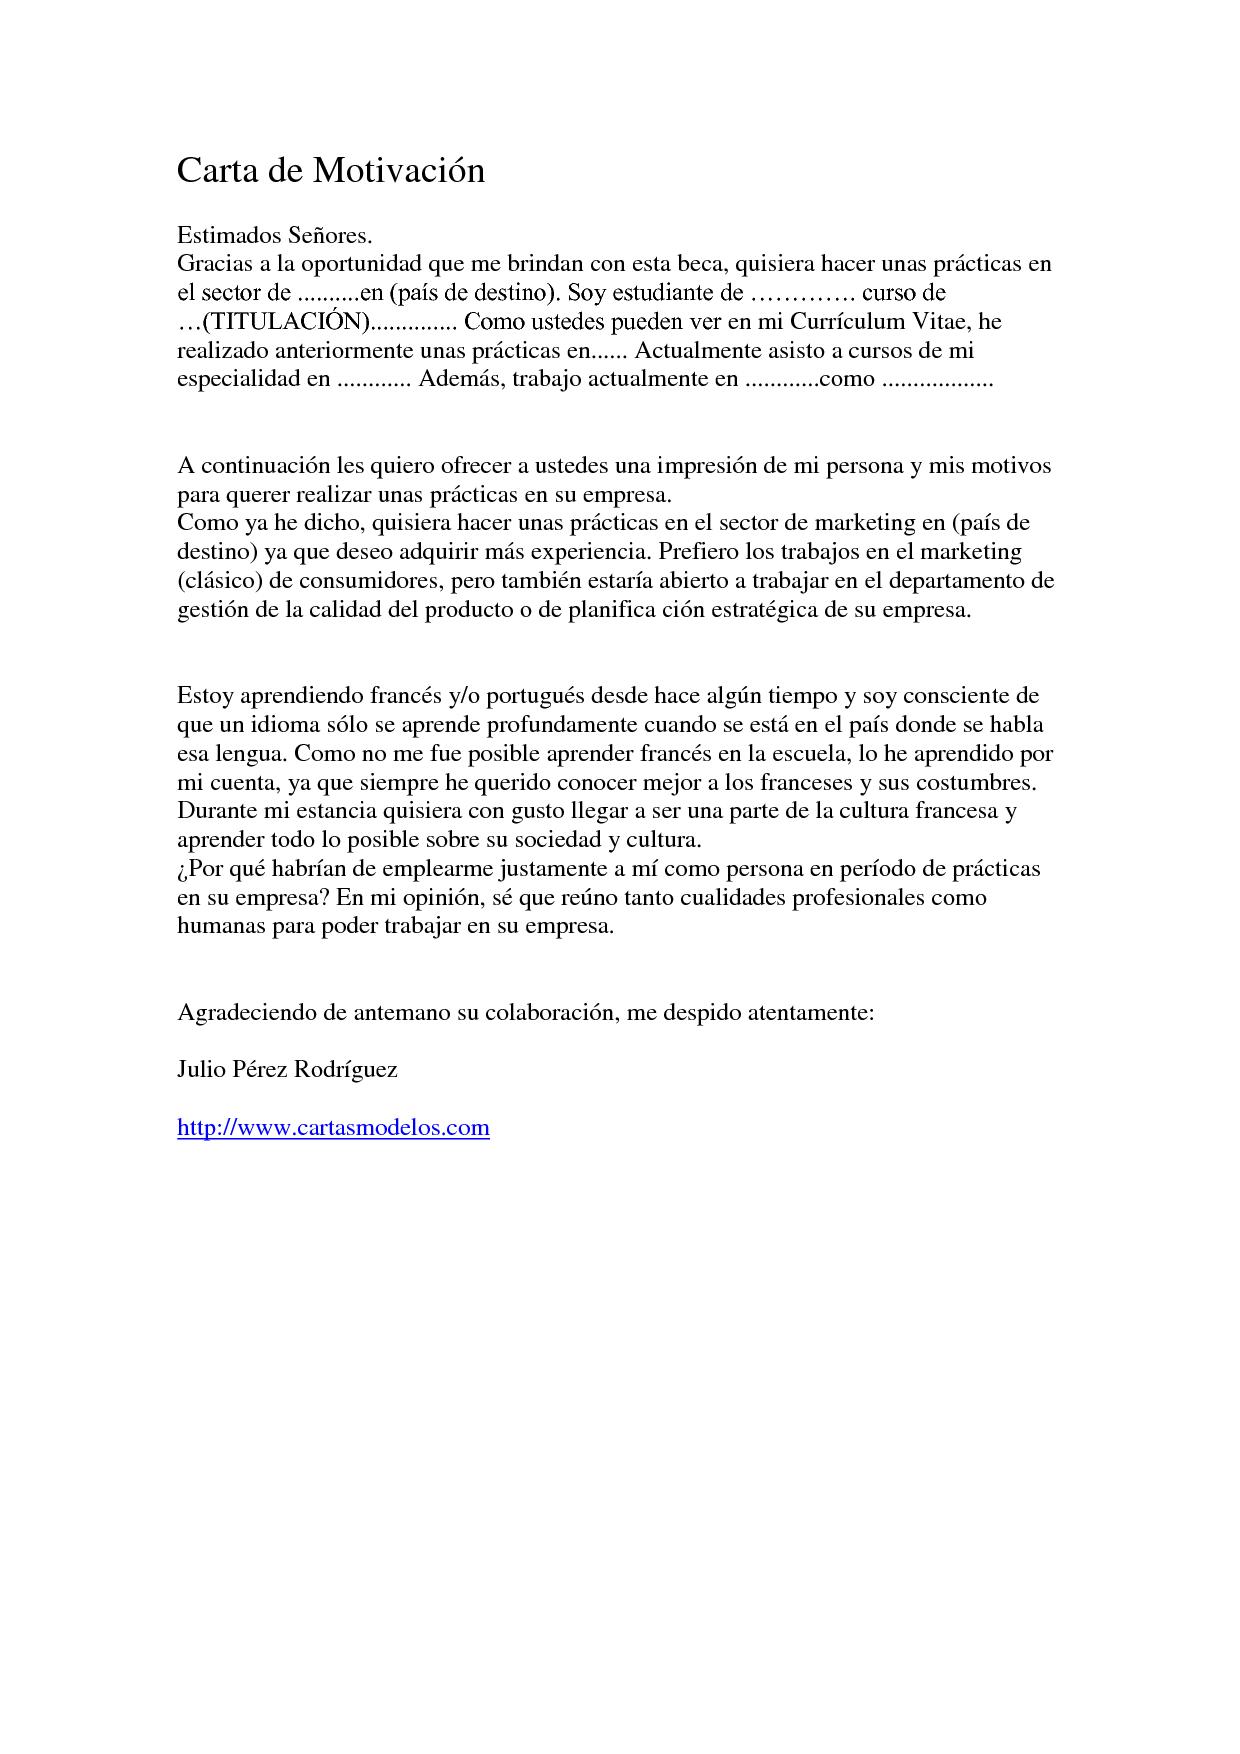 Carta De Motivación Ejemplos De